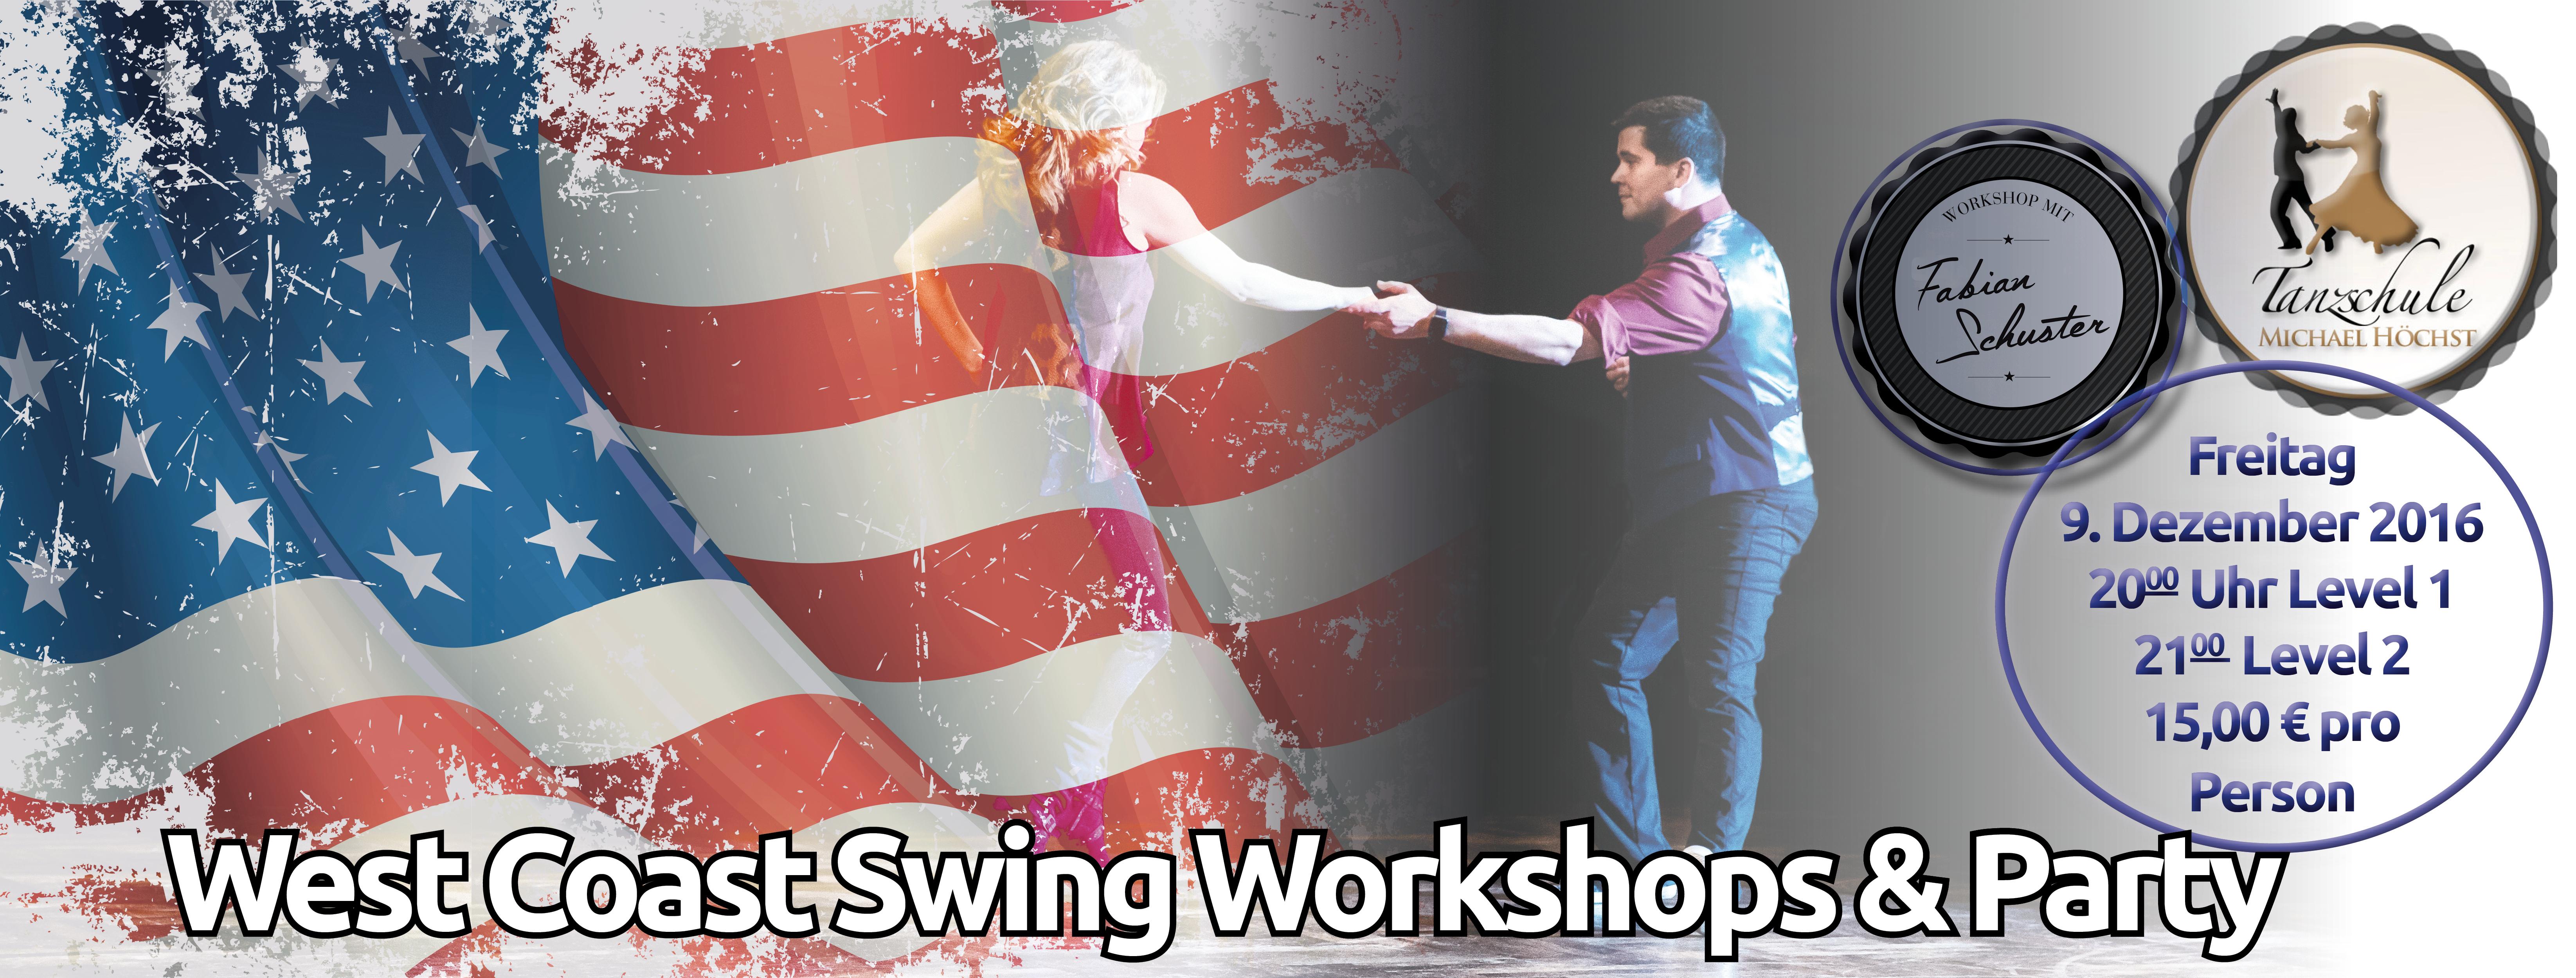 West Coast Swing Workshops mit Fabian Schuster und Party @ Tanzschule Michael Höchst   Gummersbach   Nordrhein-Westfalen   Deutschland